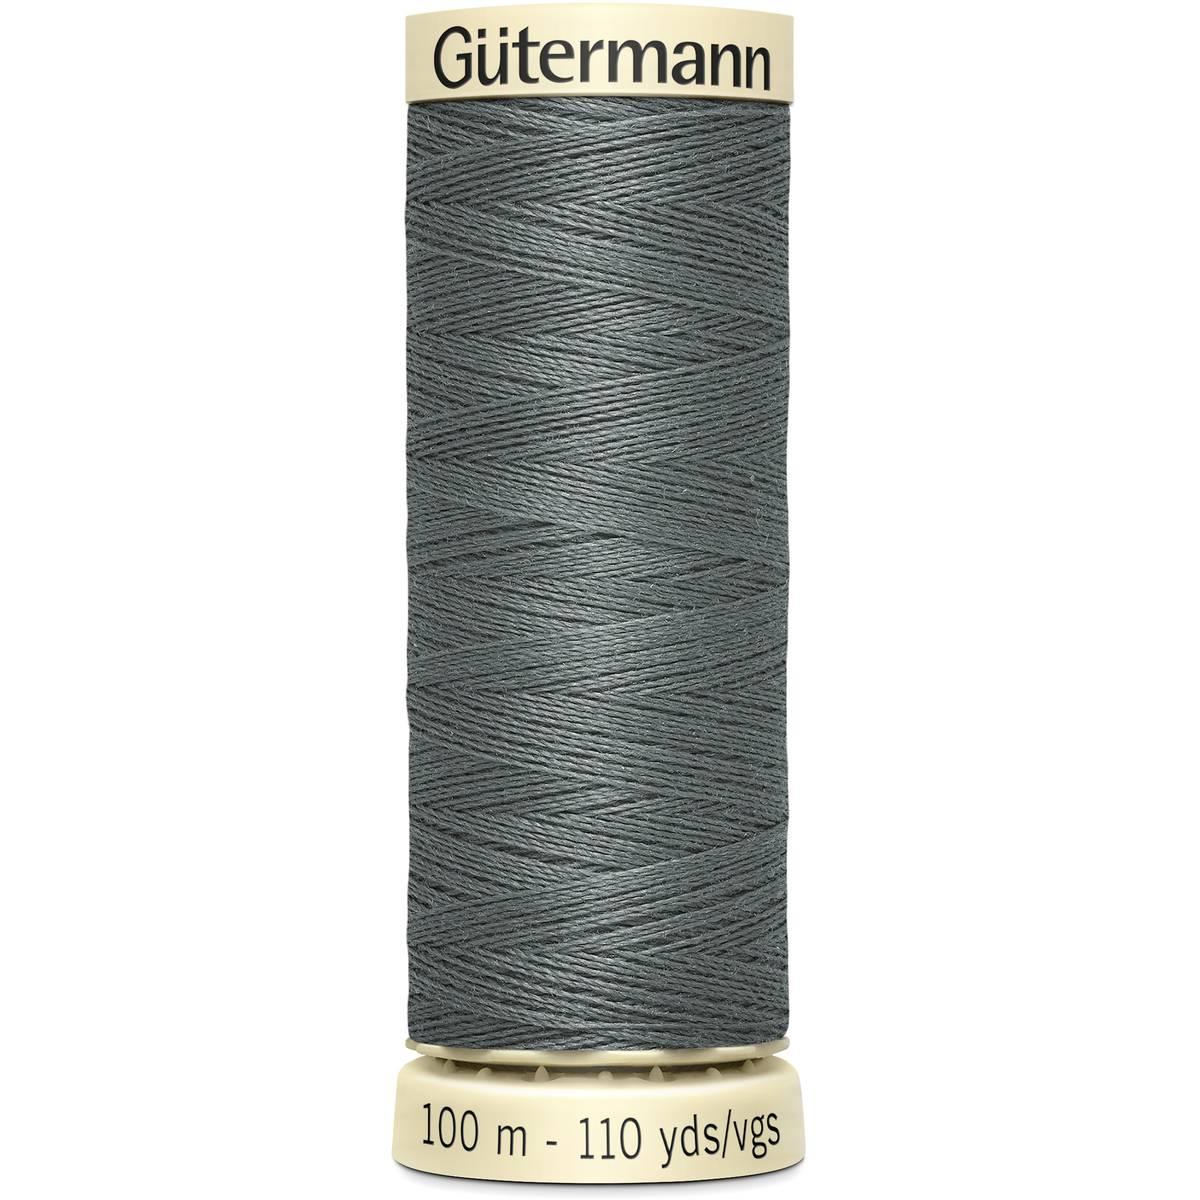 חוט תפירה גוטרמן - Grey 701